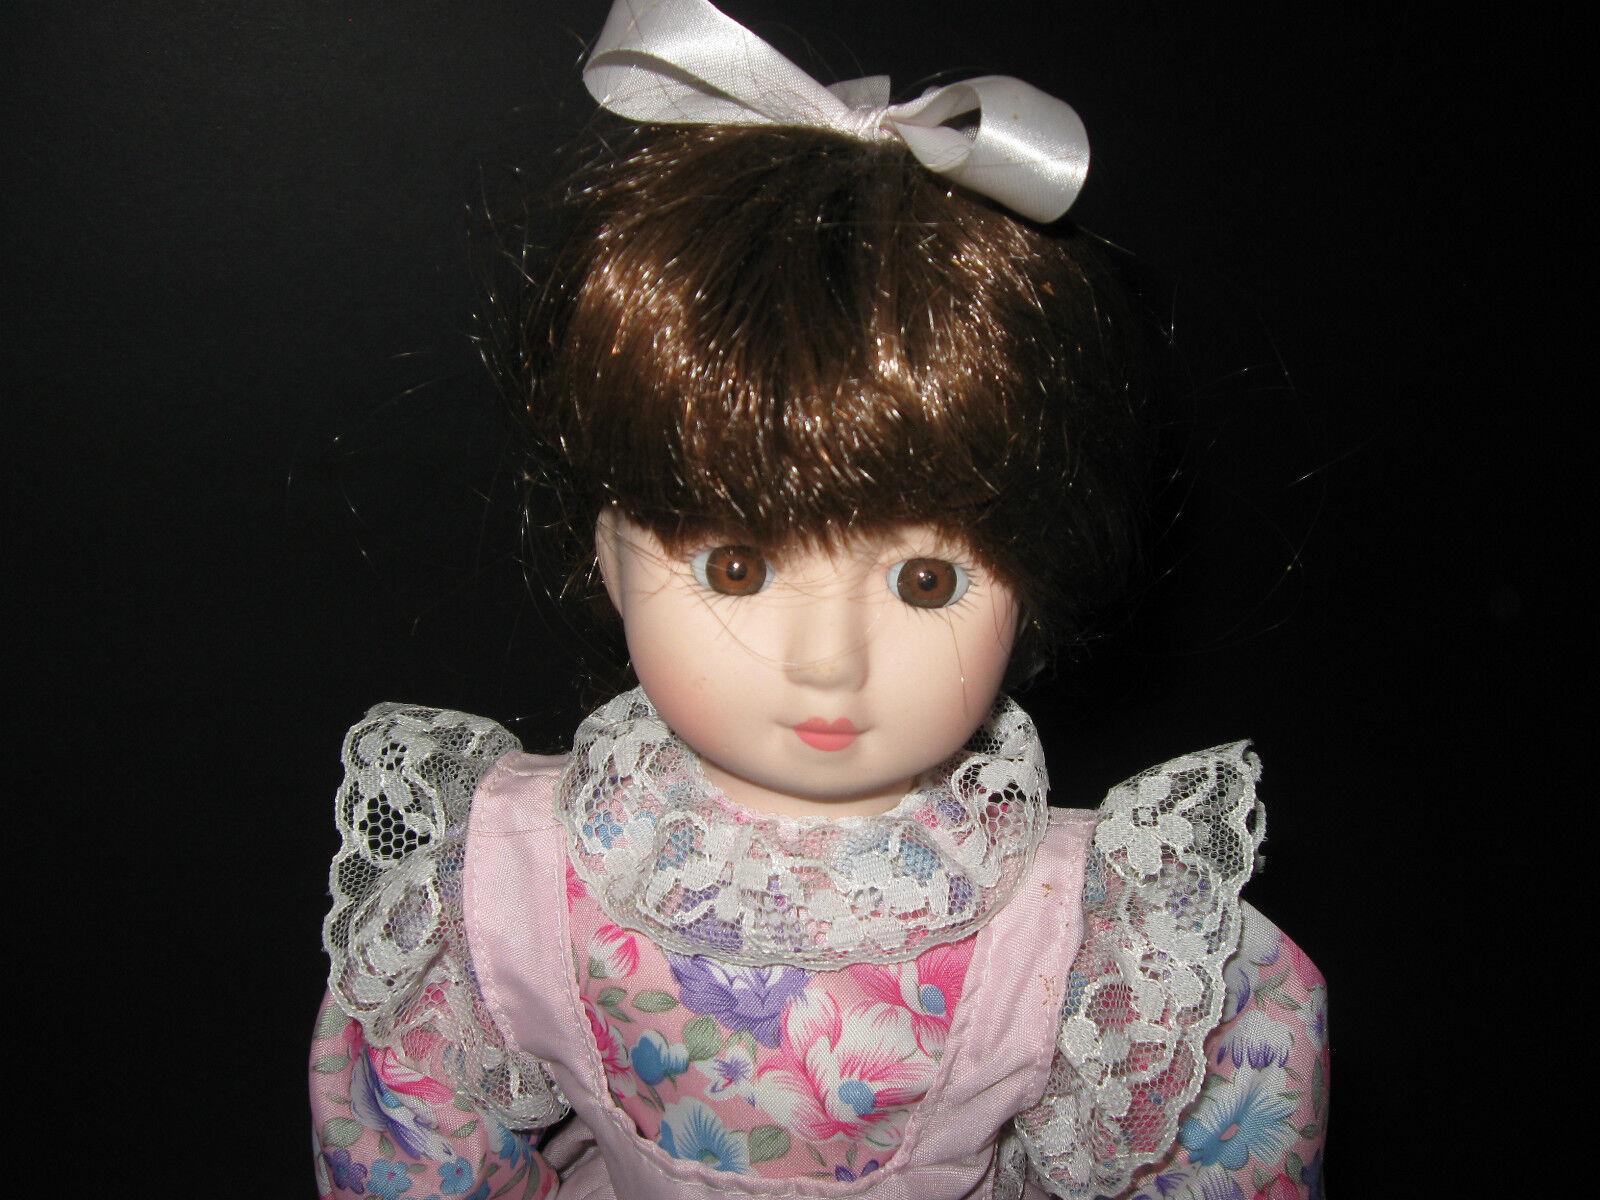 Hübsche Keramikkopf- / Deko-Puppe, ca. 38 cm, guter Zustand, mit Metallständer